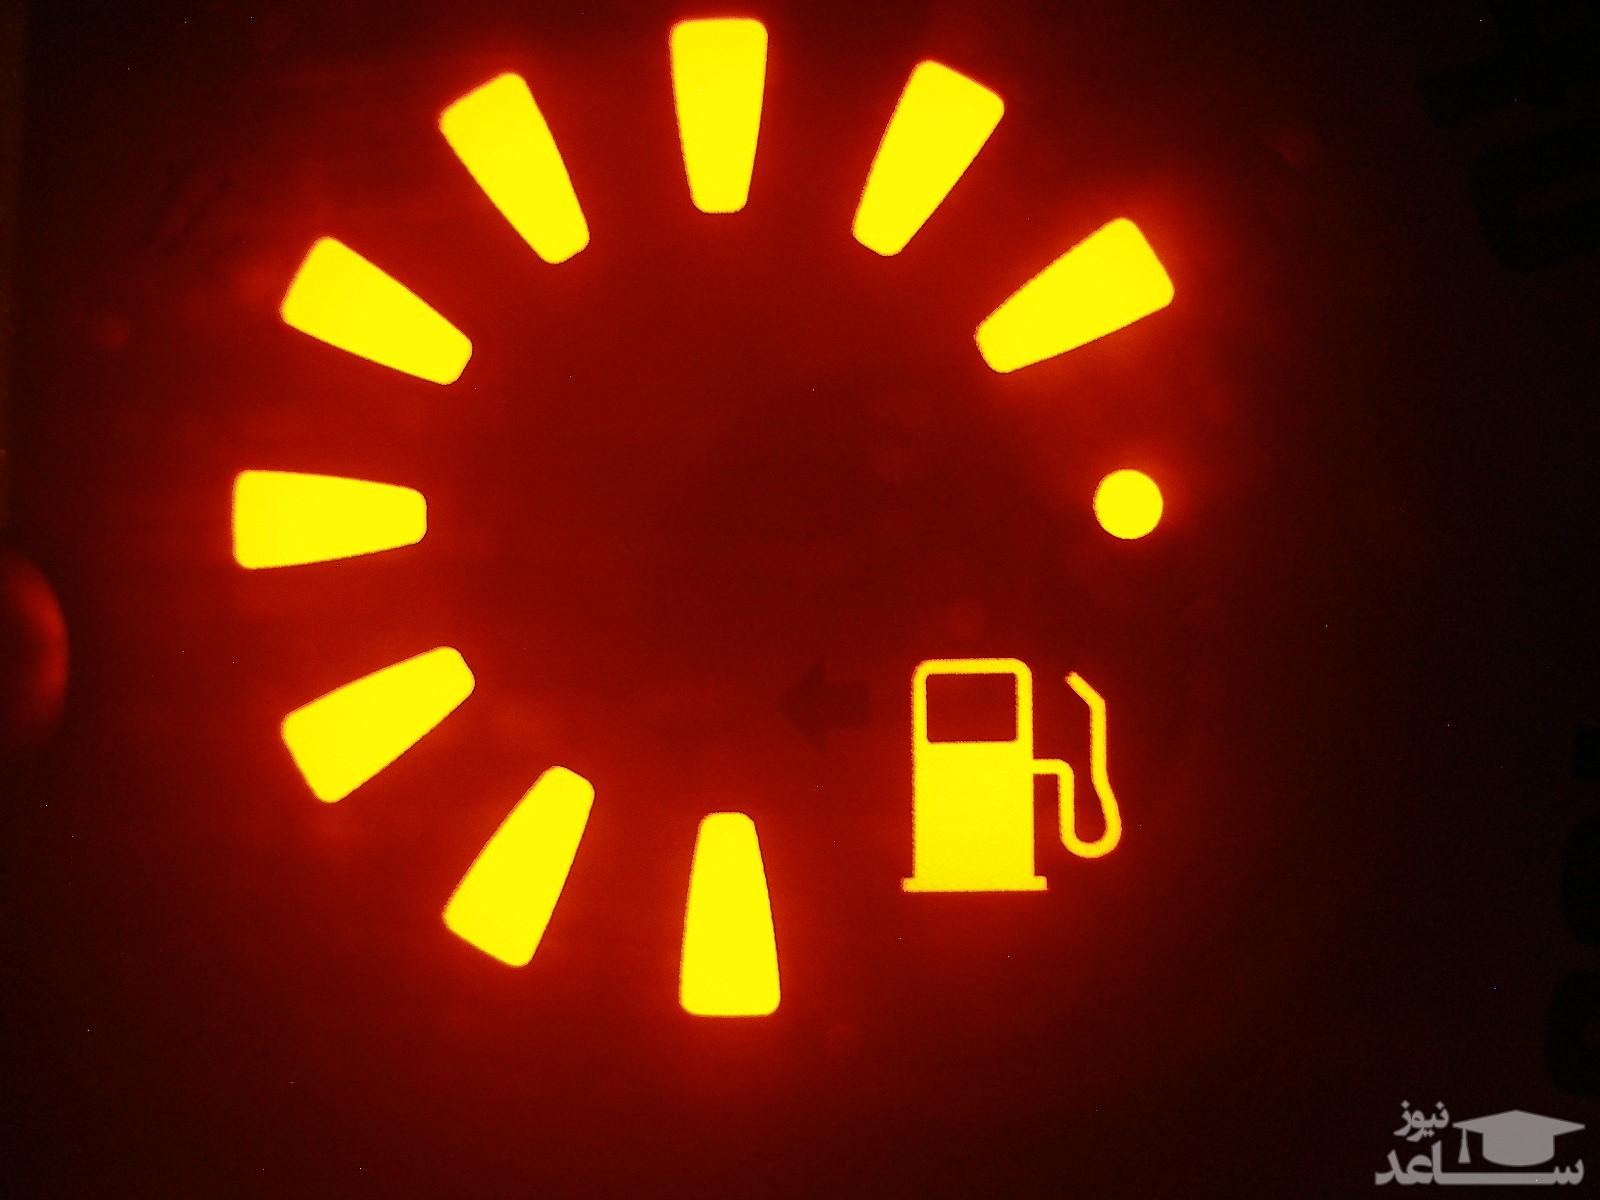 هر خودرو با چراغ روشن بنزین چقدر می تواند حرکت کند؟